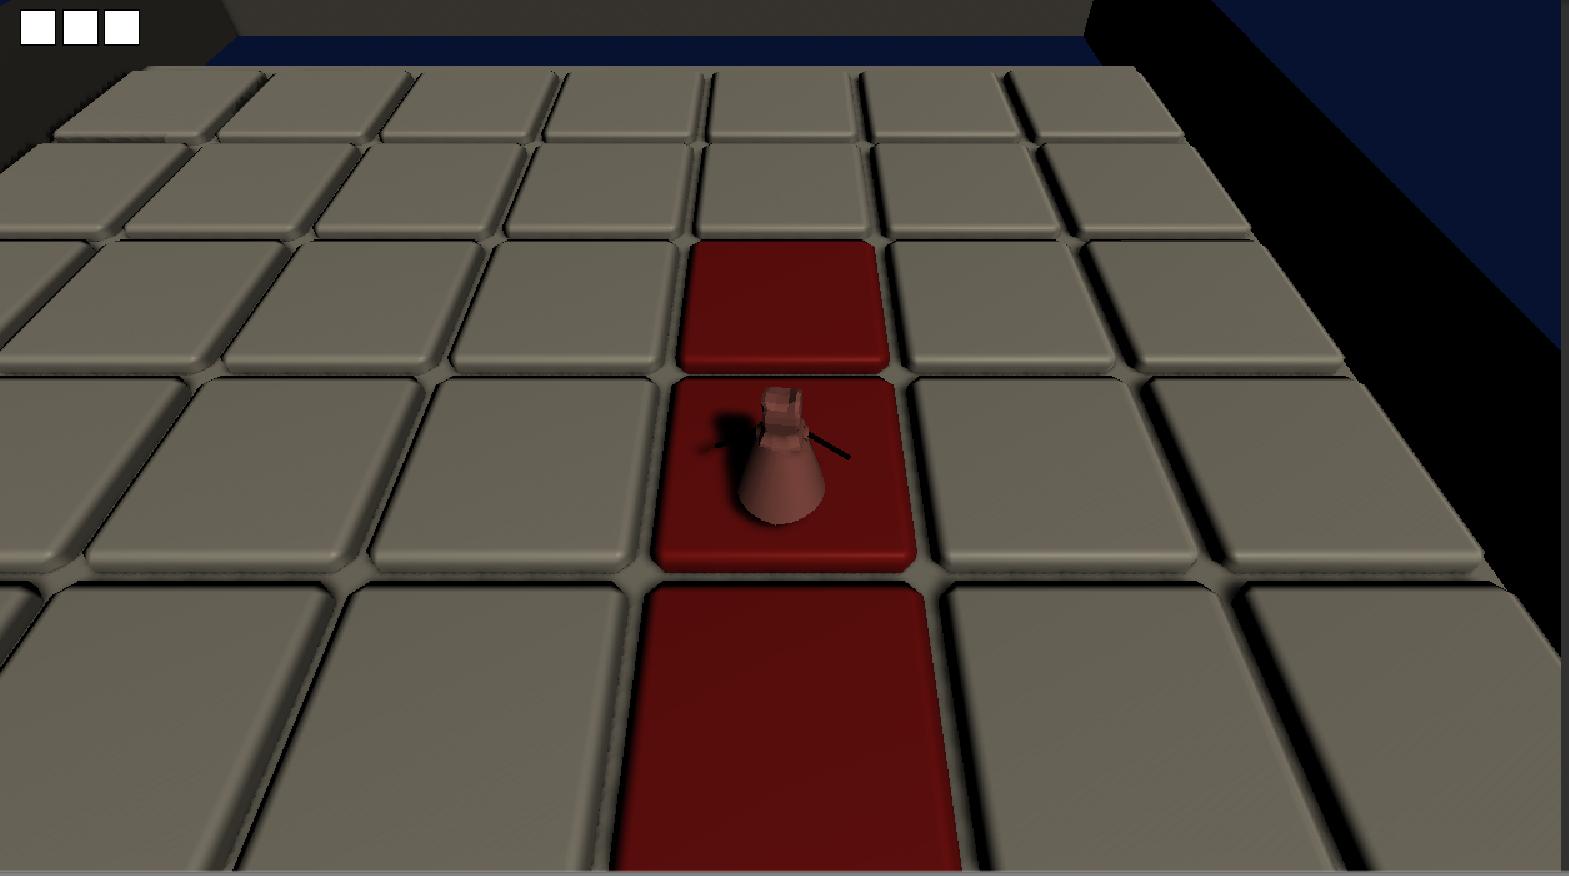 2puzzle